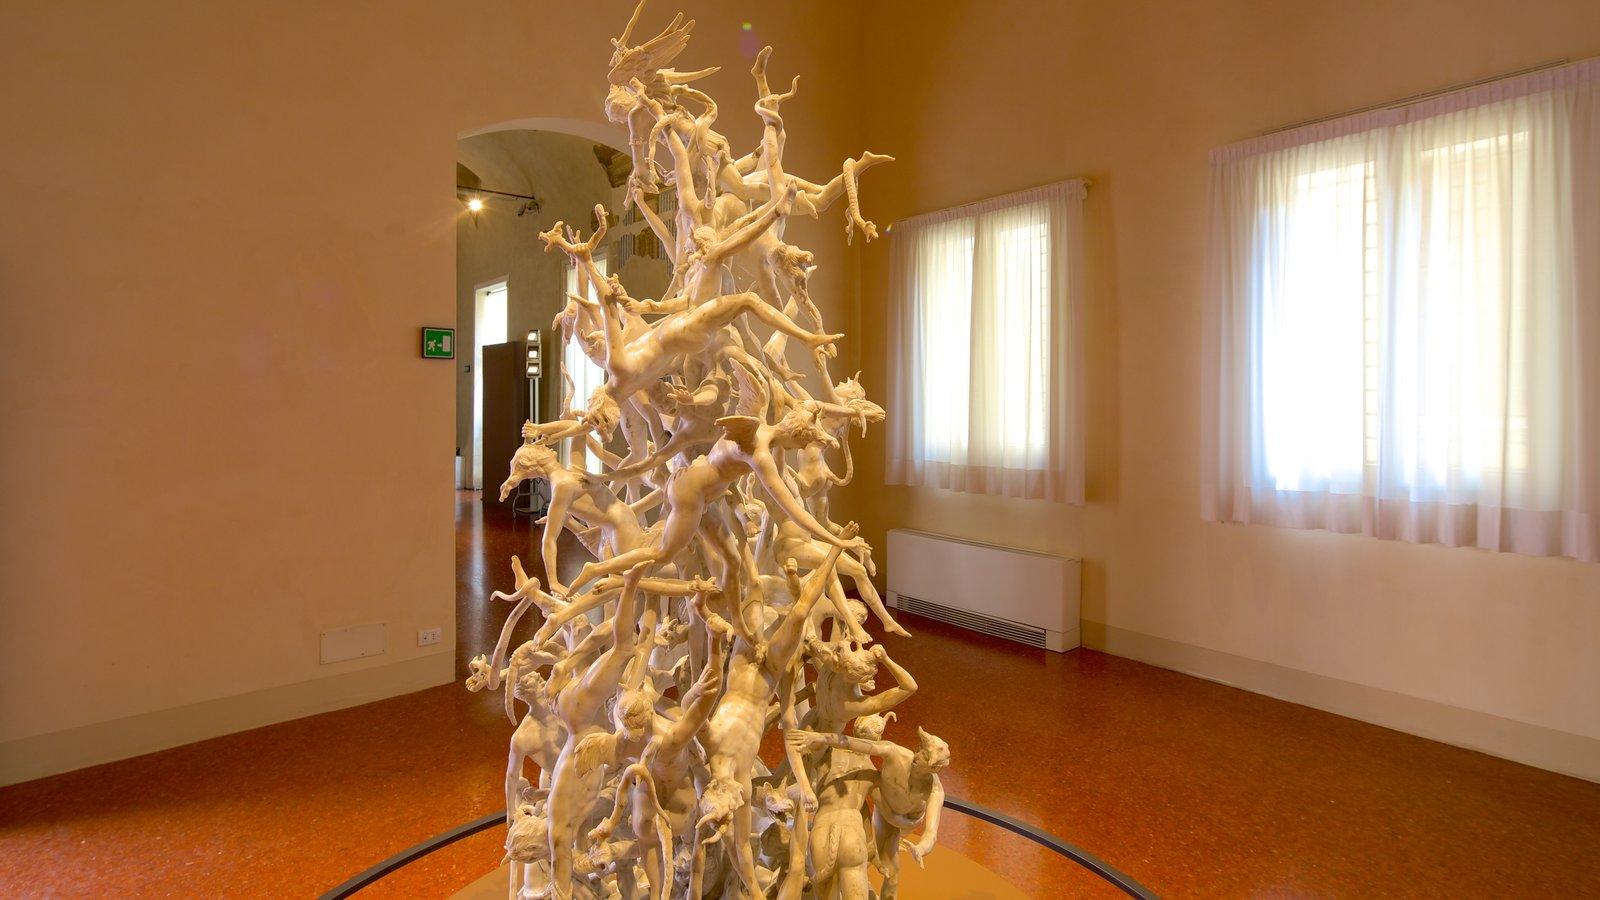 Gallerie di Palazzo Leoni Montanari which includes art and interior views